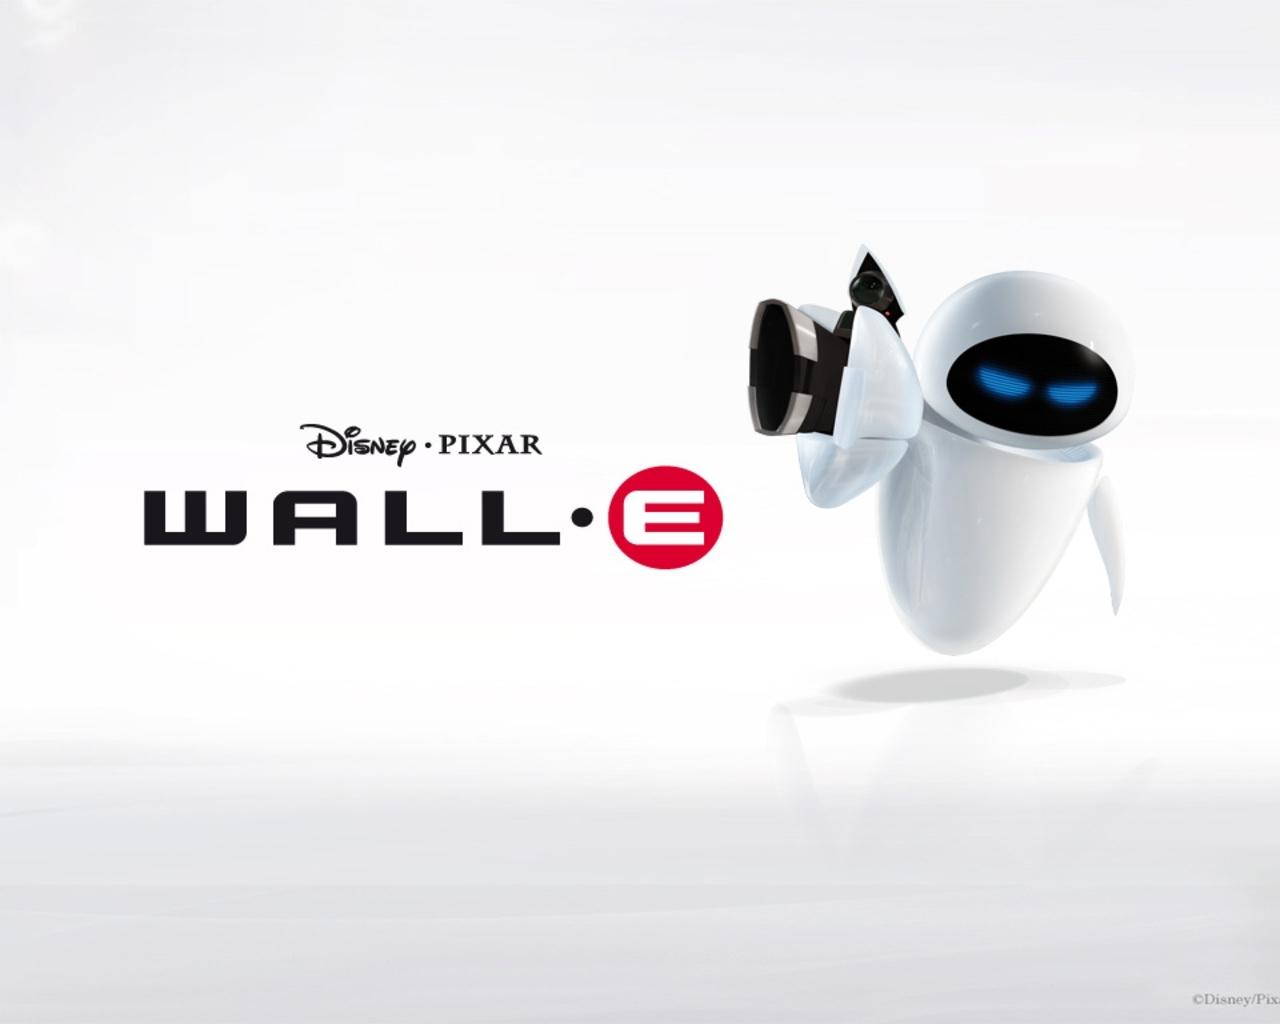 http://1.bp.blogspot.com/_FvSvBPdSUYU/TUYGk0nrHpI/AAAAAAAAALU/TrDgCKn1d8A/s1600/Eve-wallpaper-wall-e-5941454-1280-1024.jpg